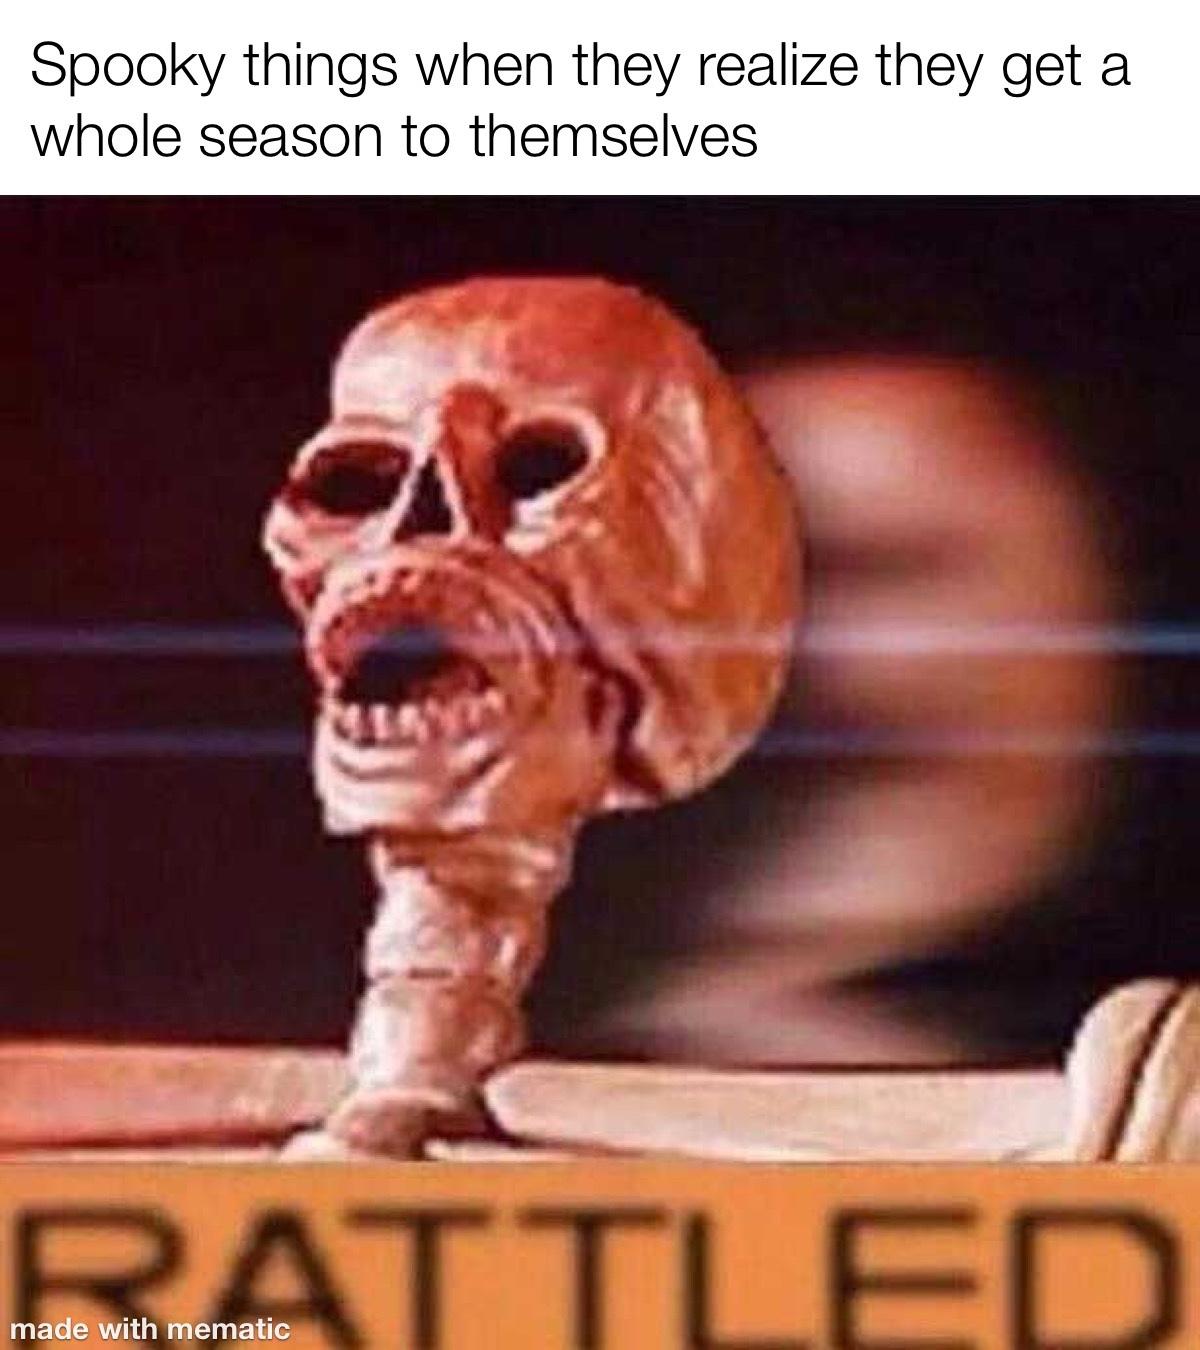 rattled - meme